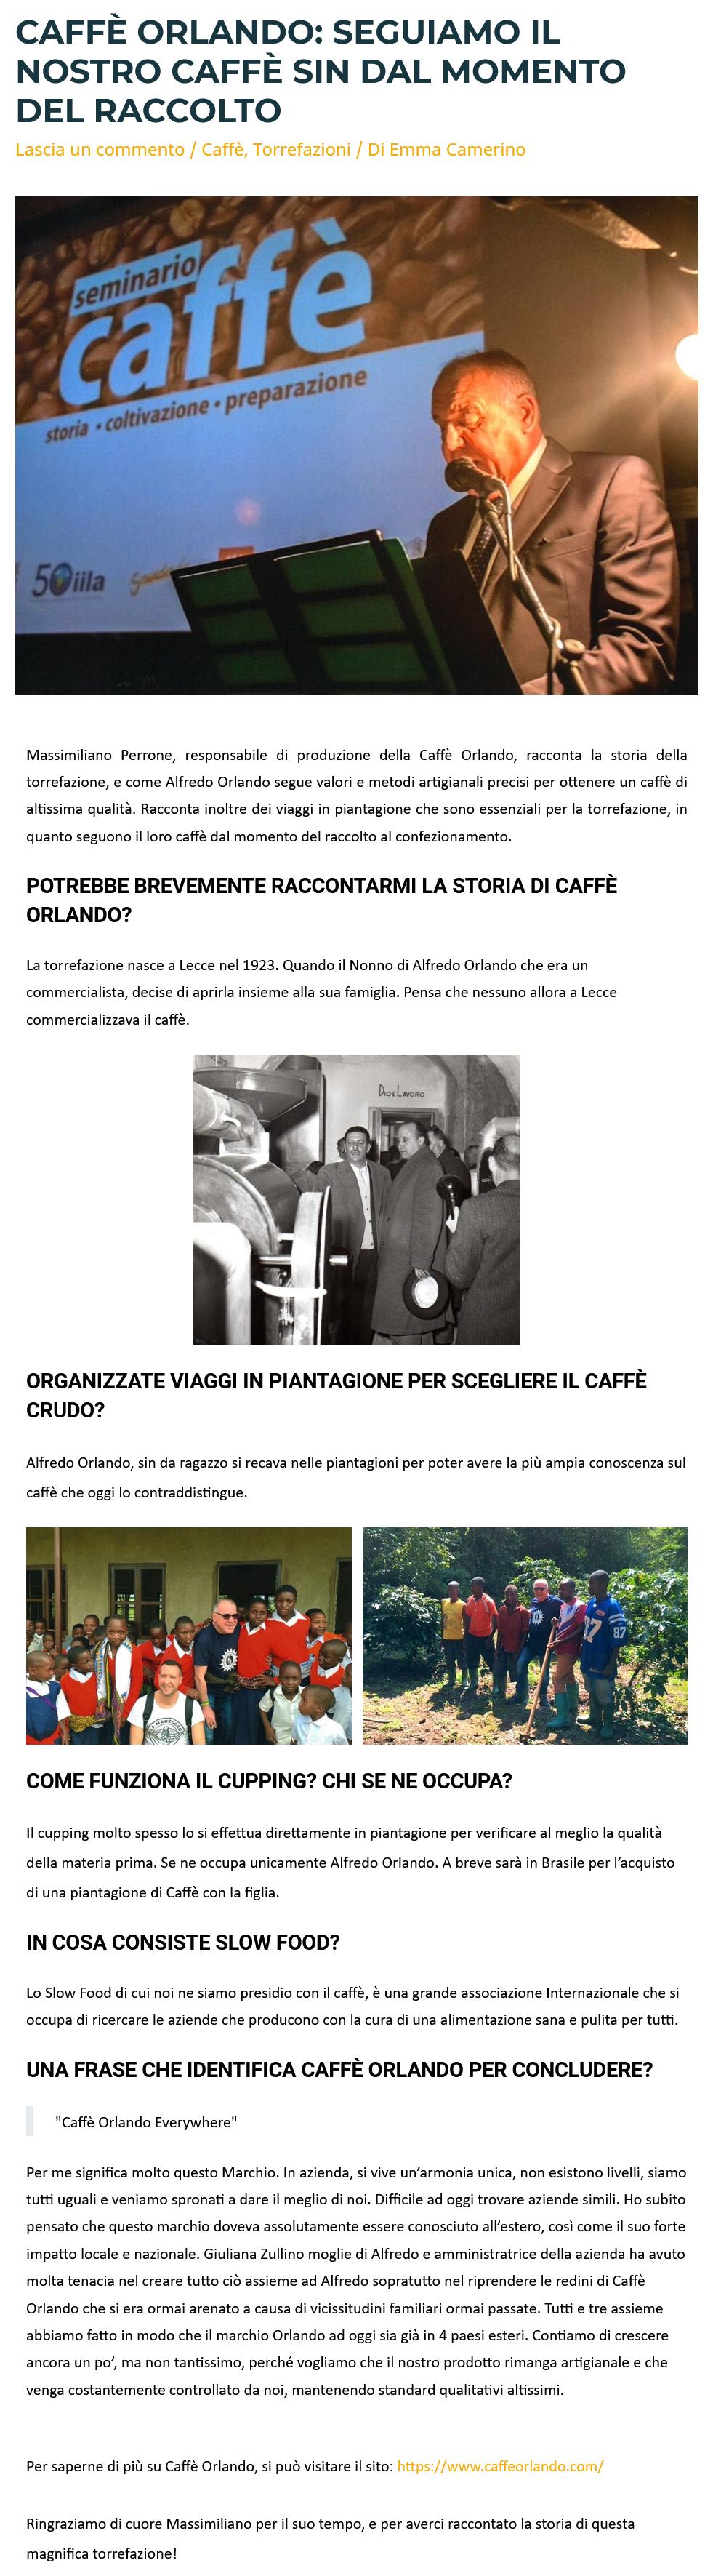 2021-03-08 Caffè Orlando Seguiamo il nostro caffè sin dal momento del raccolto (Sensaterra.com)